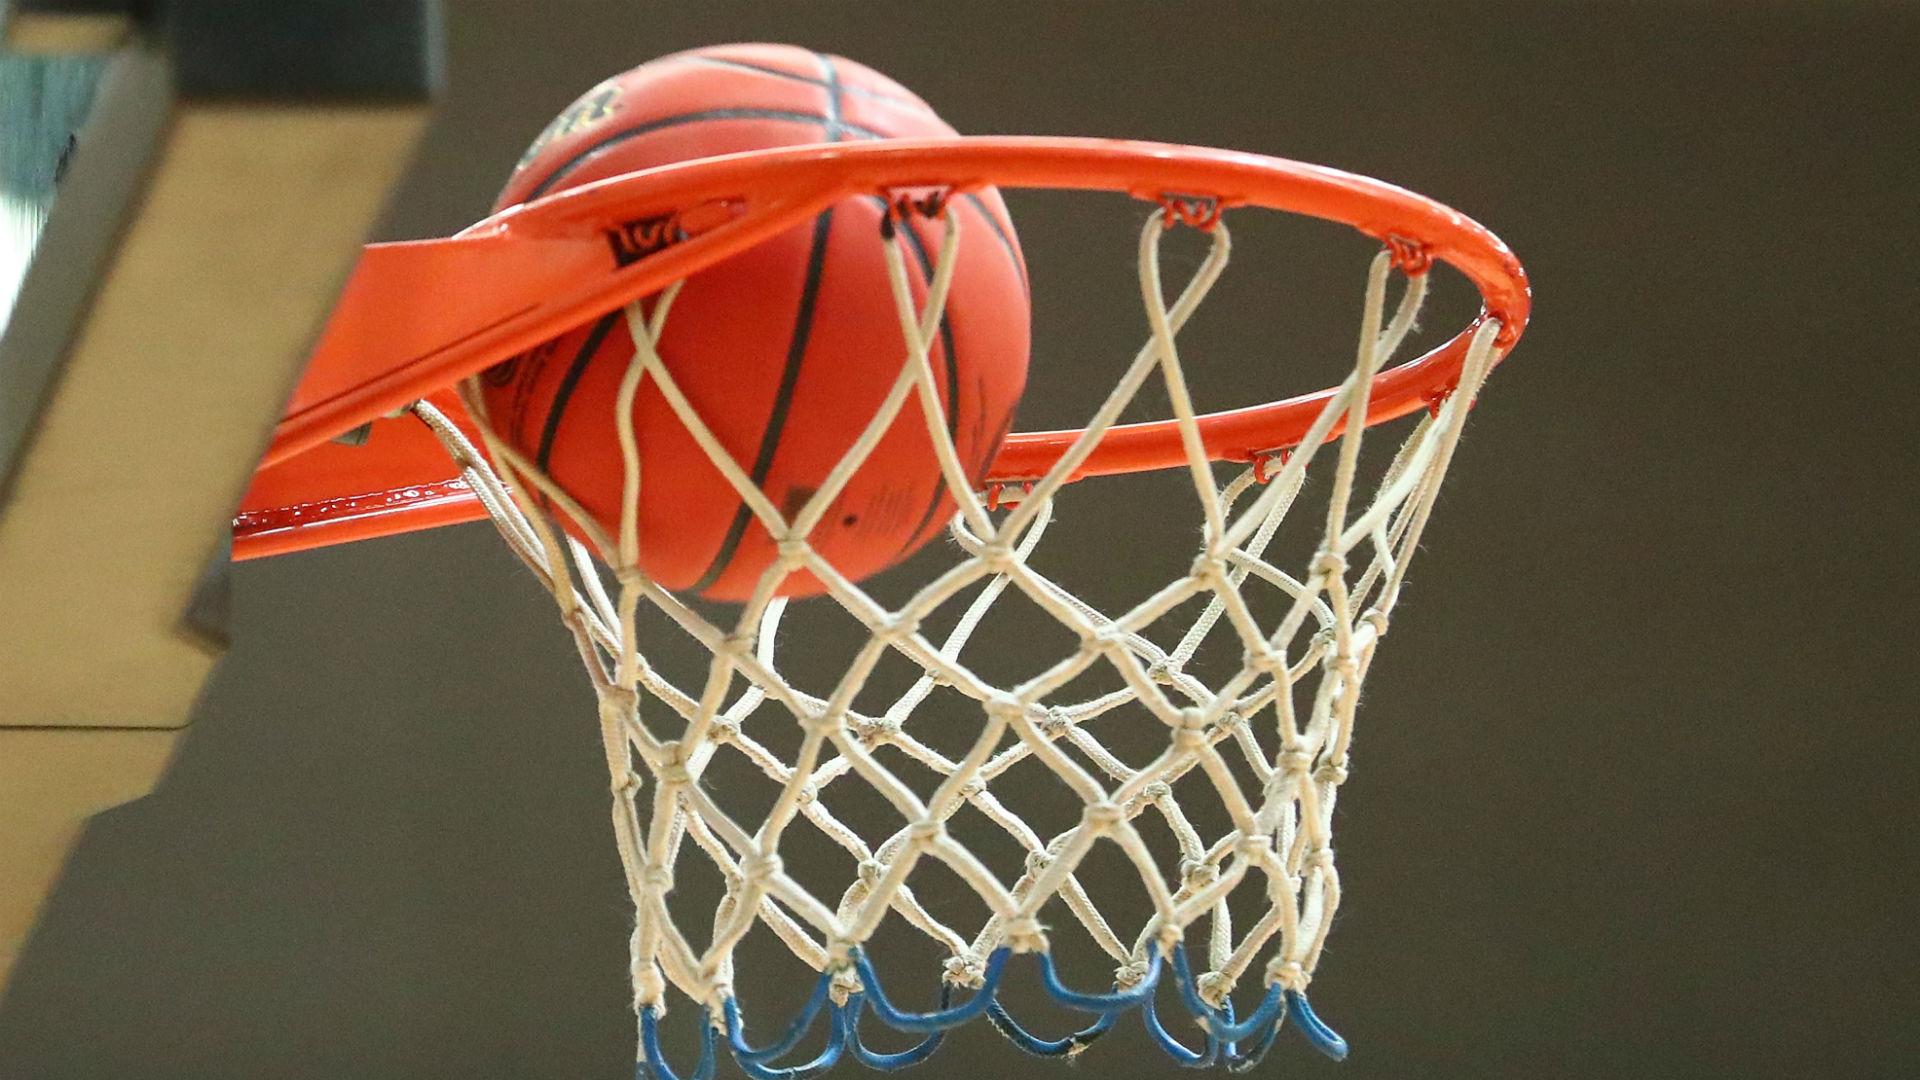 Basketball-view-cropped_ouqtt468jiw61l674vzf7yvnj